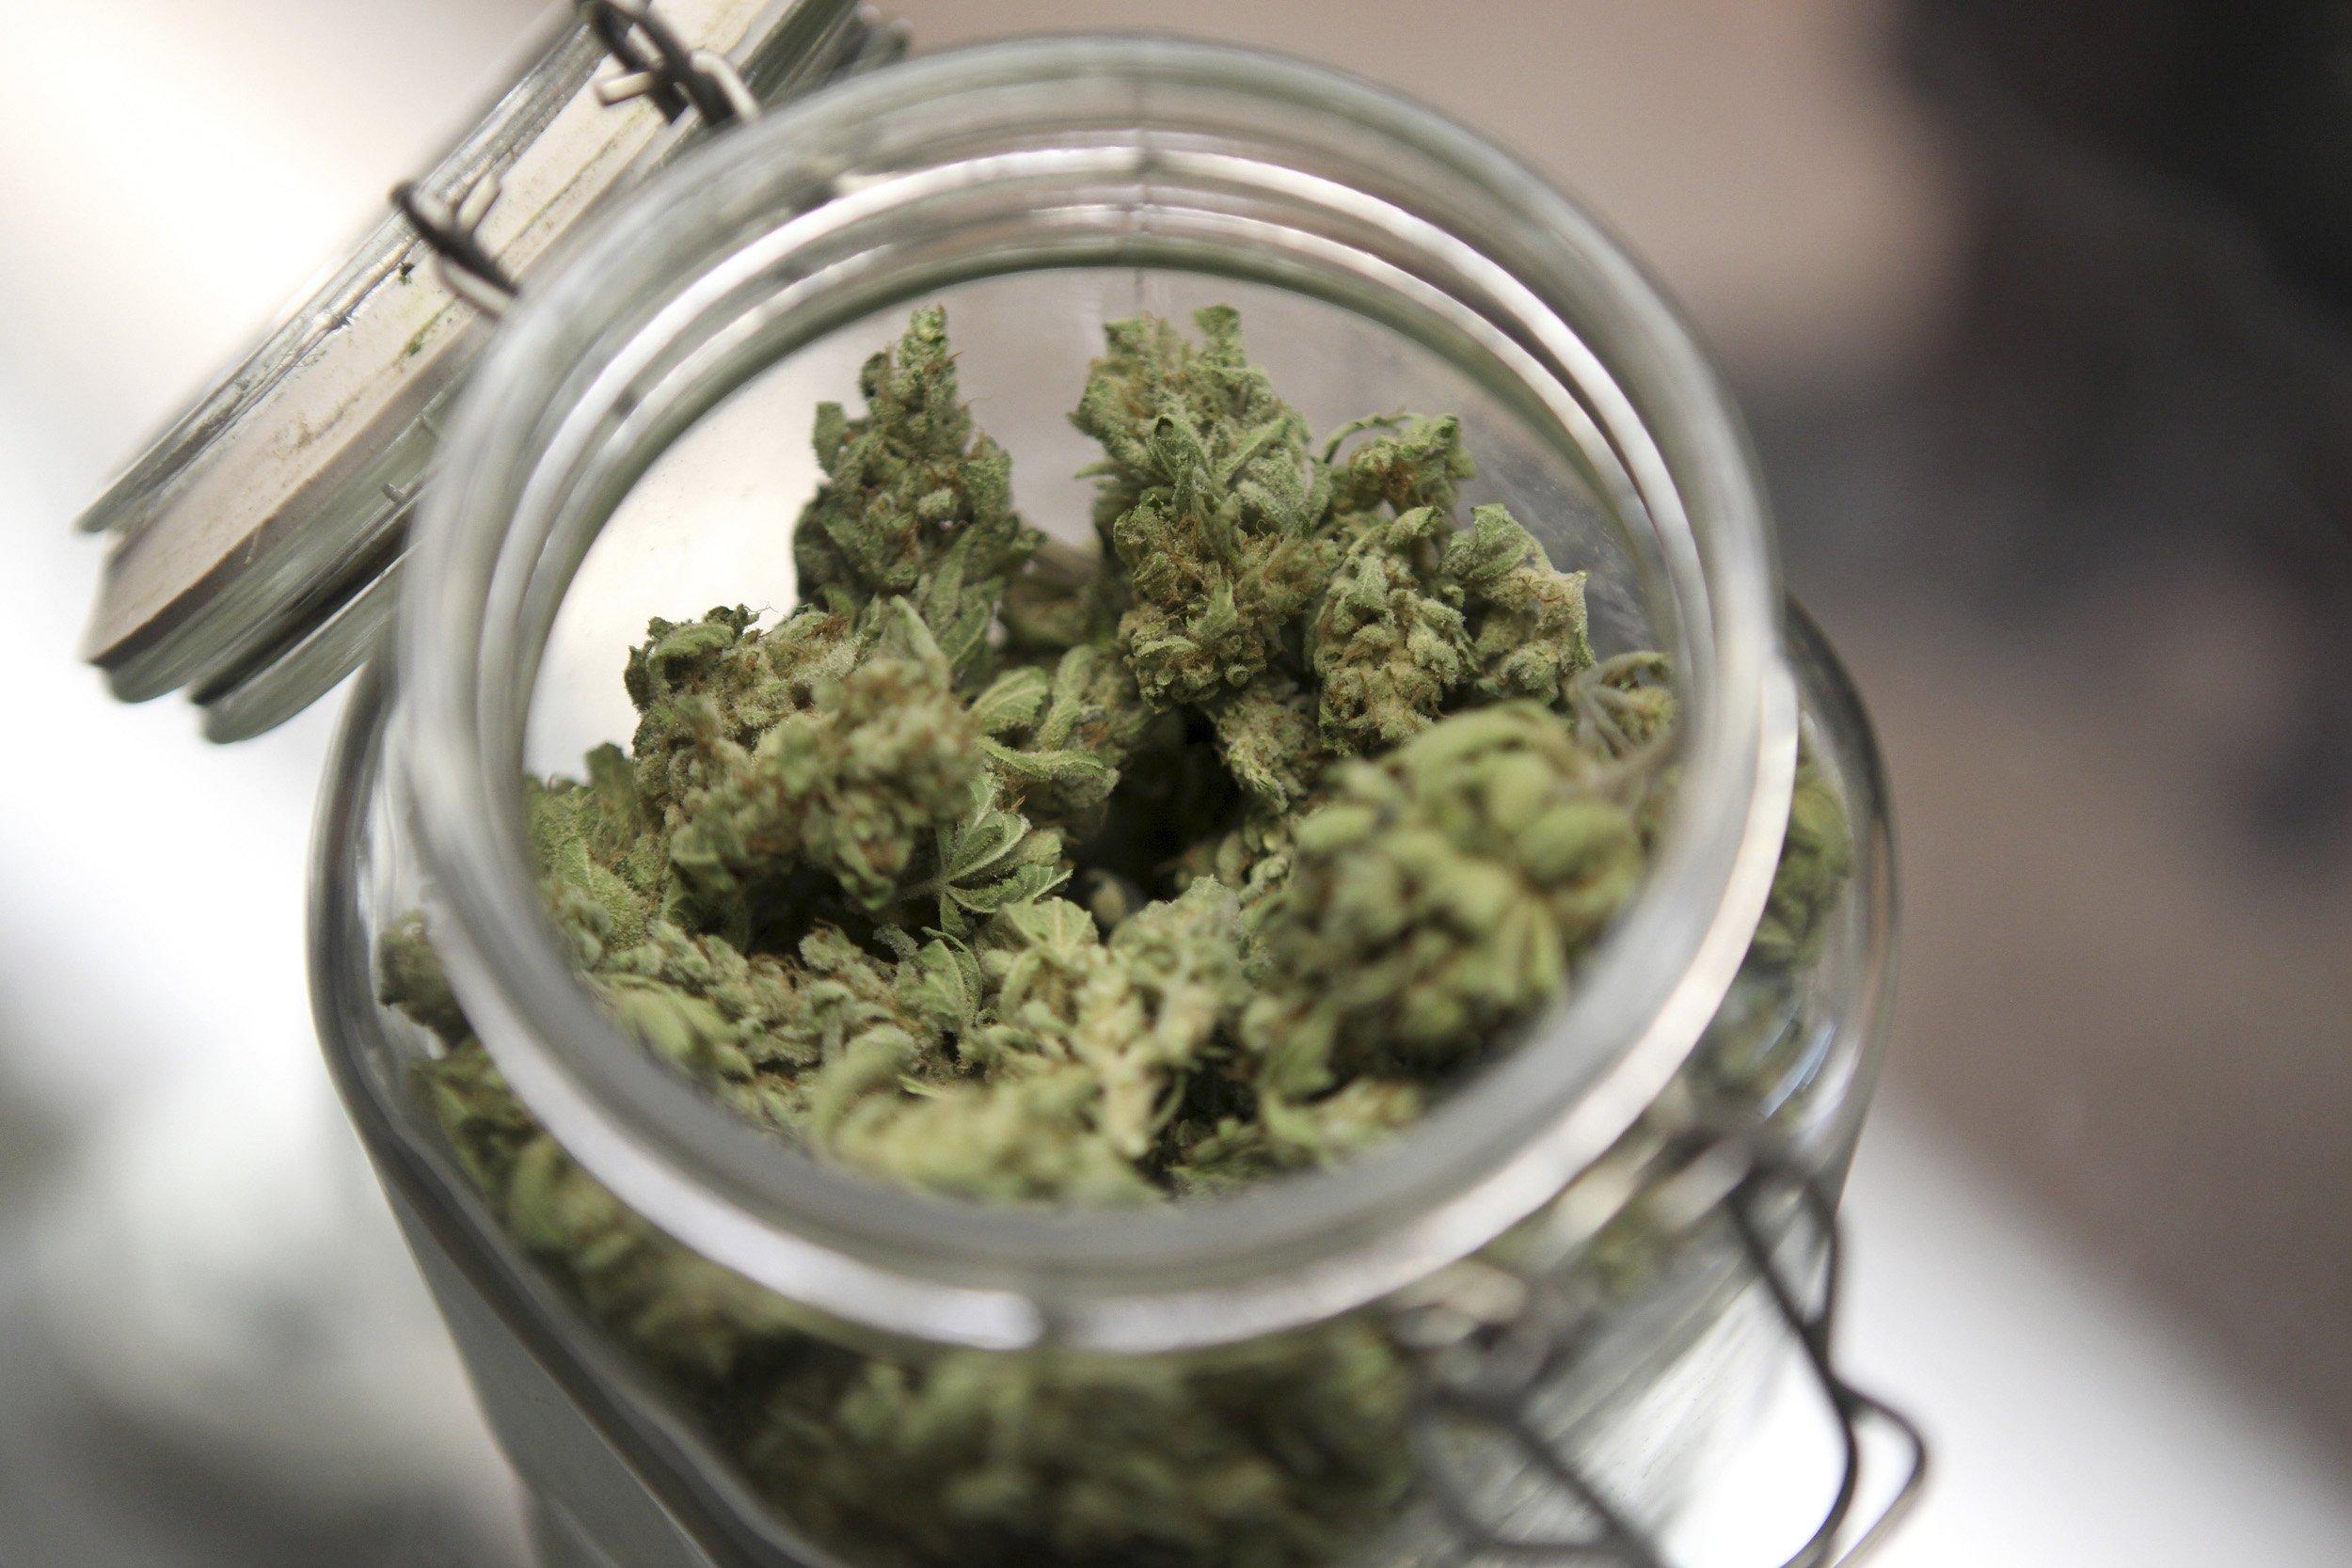 10_29_MedicalMarijuana_01